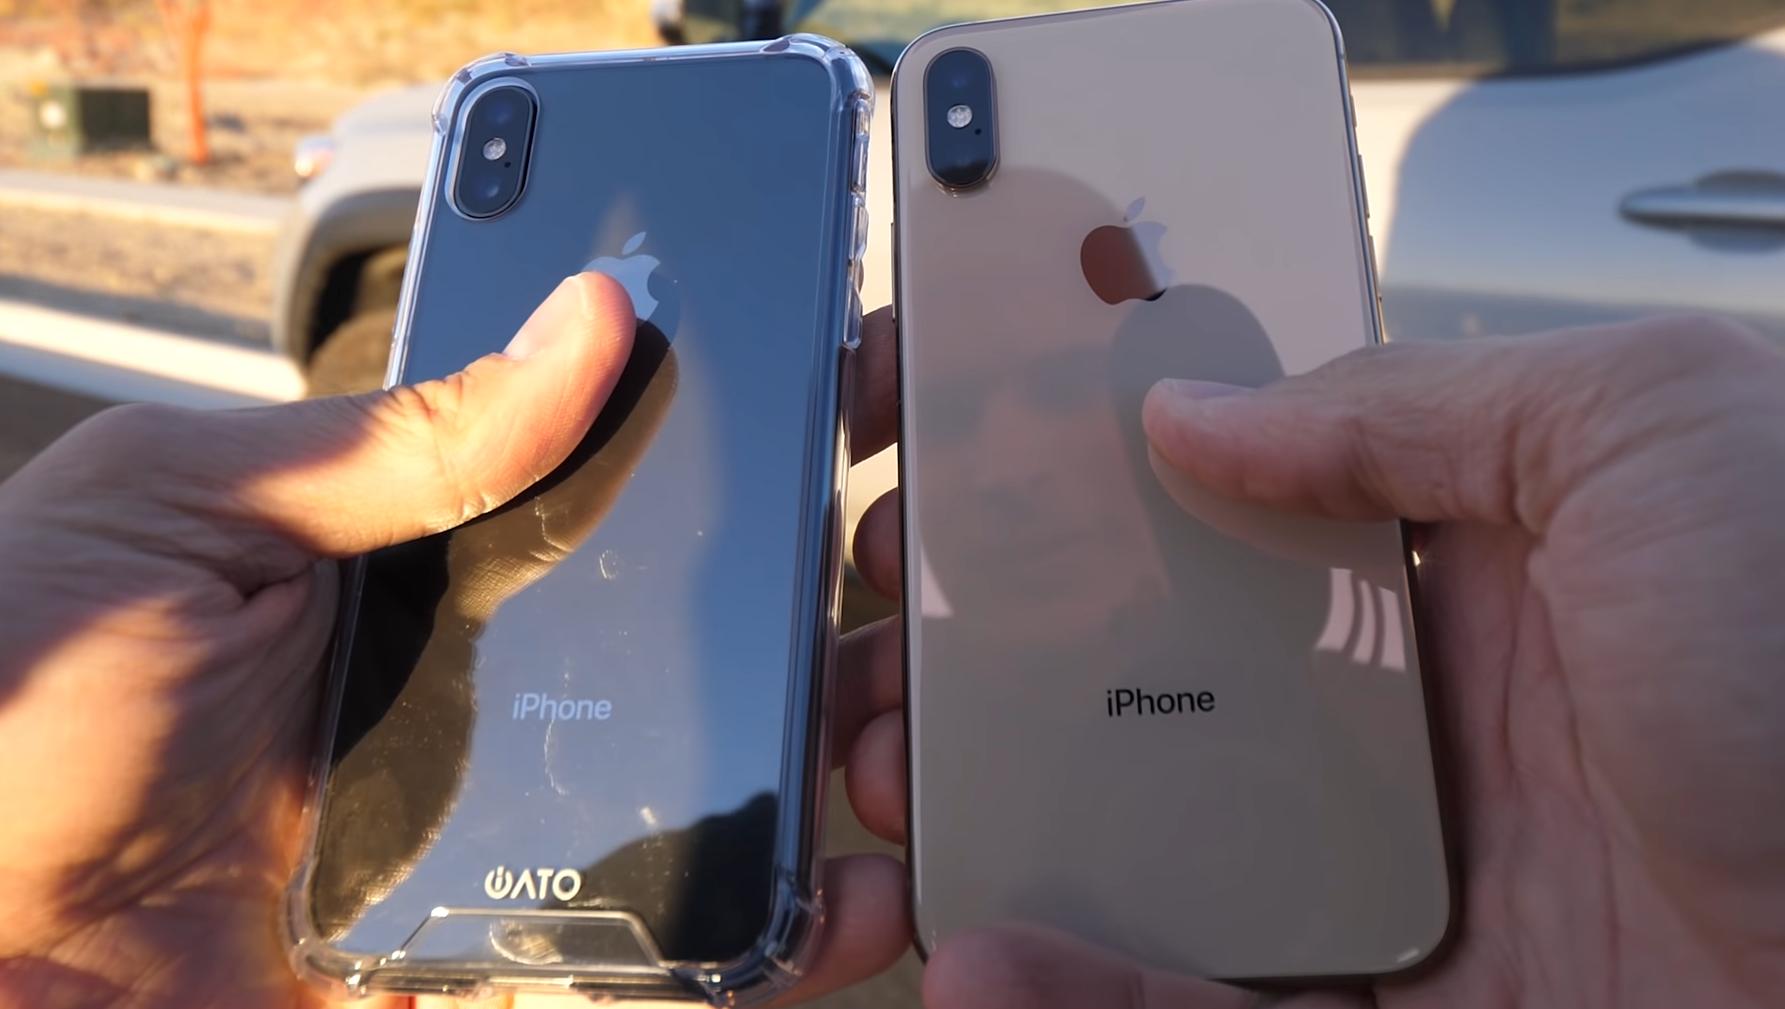 Разбивается ли iPhone XS Max, если уронить его на асфальт? - фото 1 | Сервисный центр Total Apple